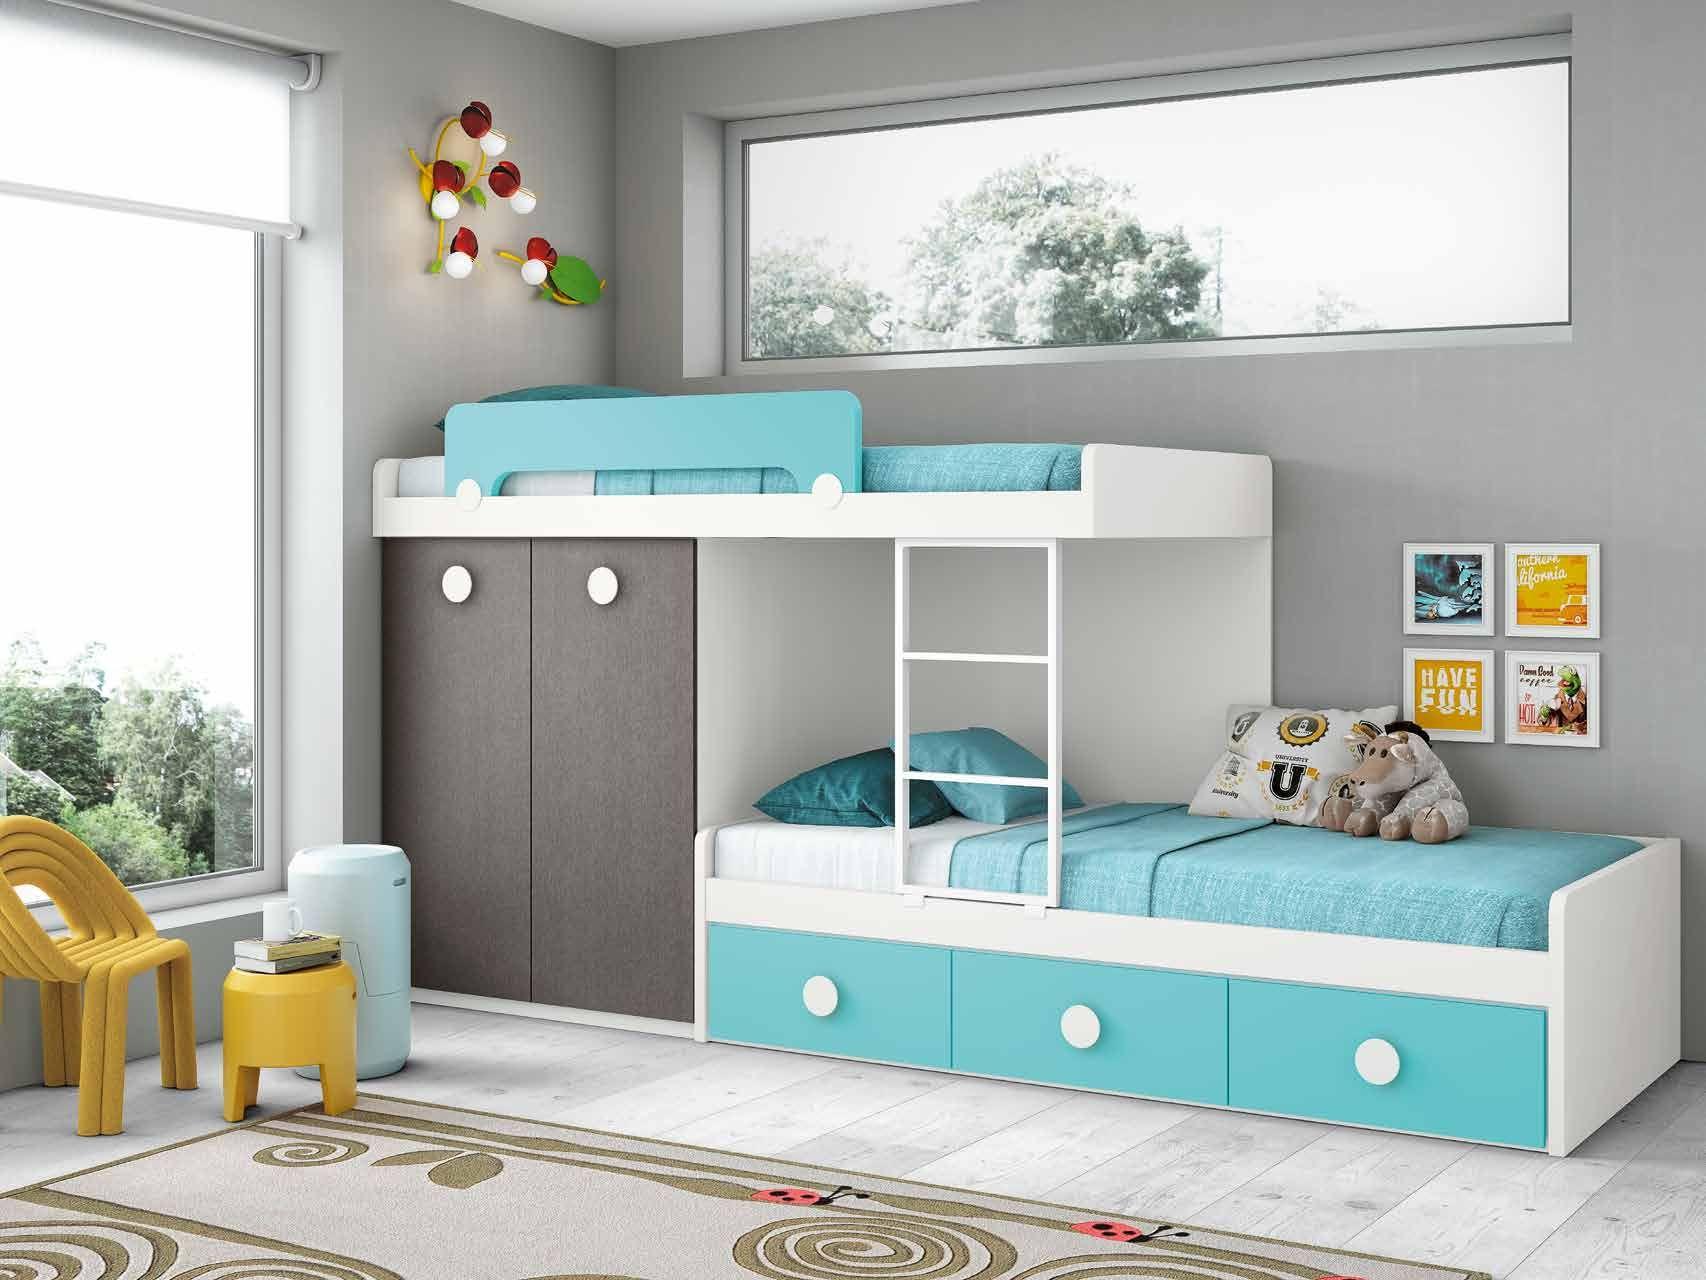 Cama tren binada en gris blanco y azul cama infantil muebles